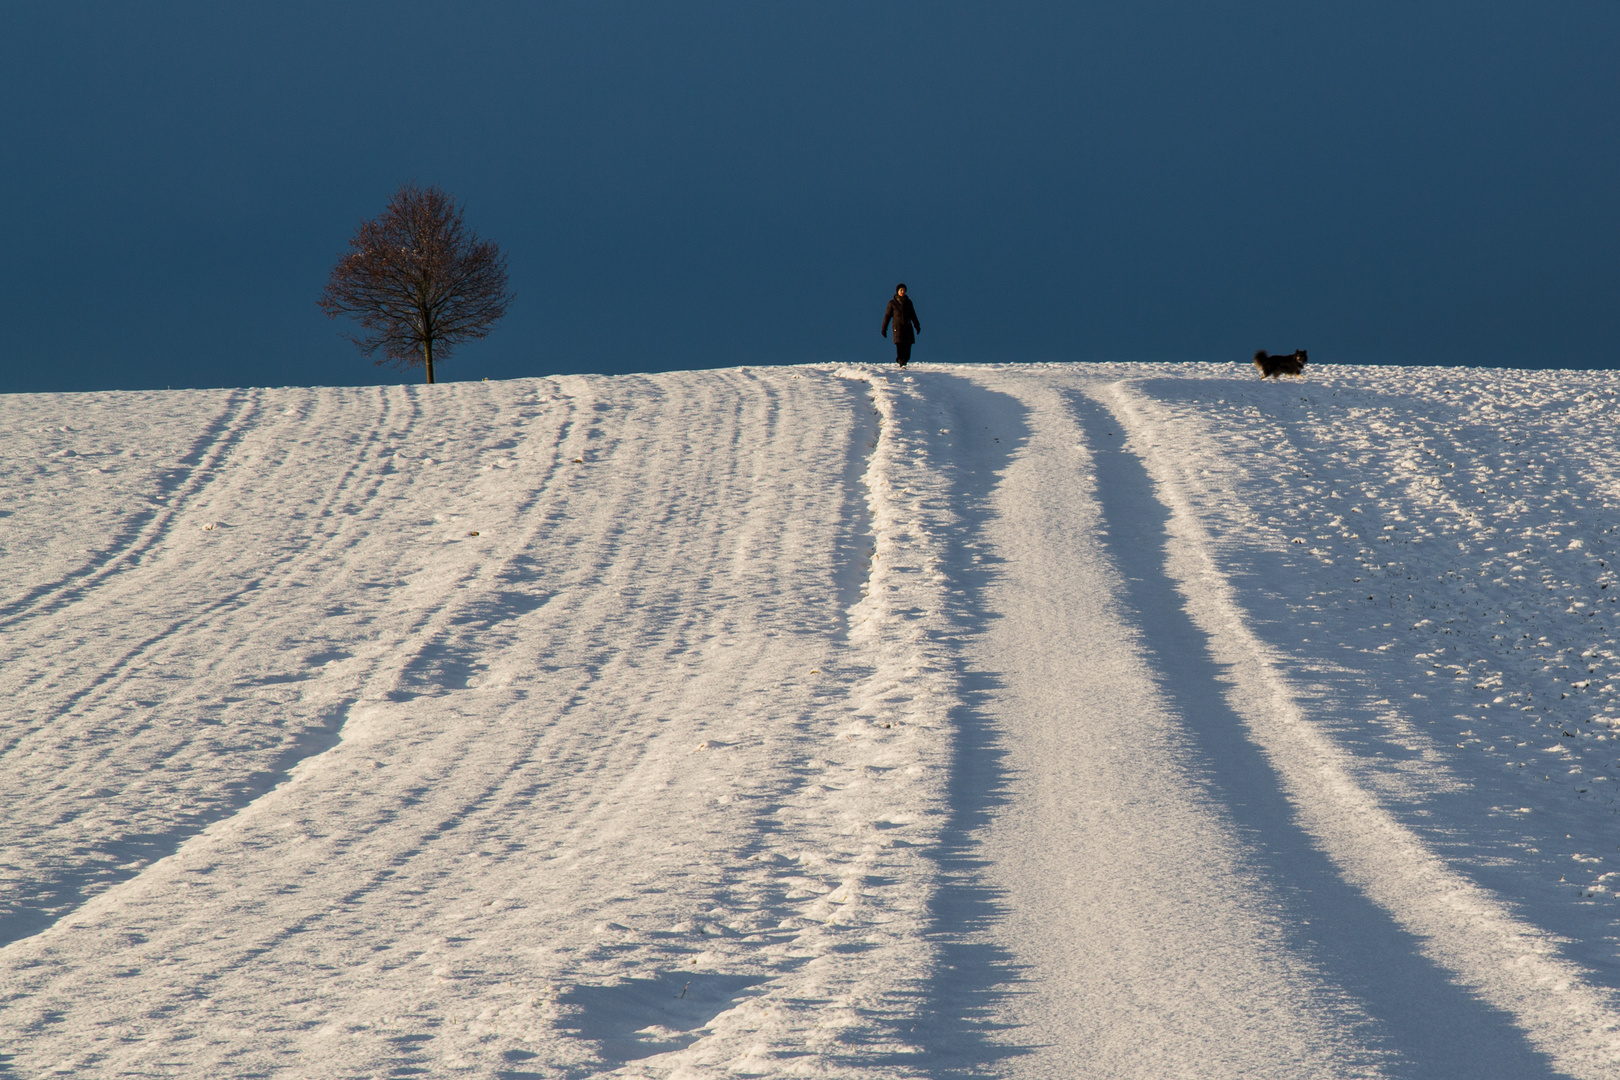 Der Morgen nach dem Schneefall